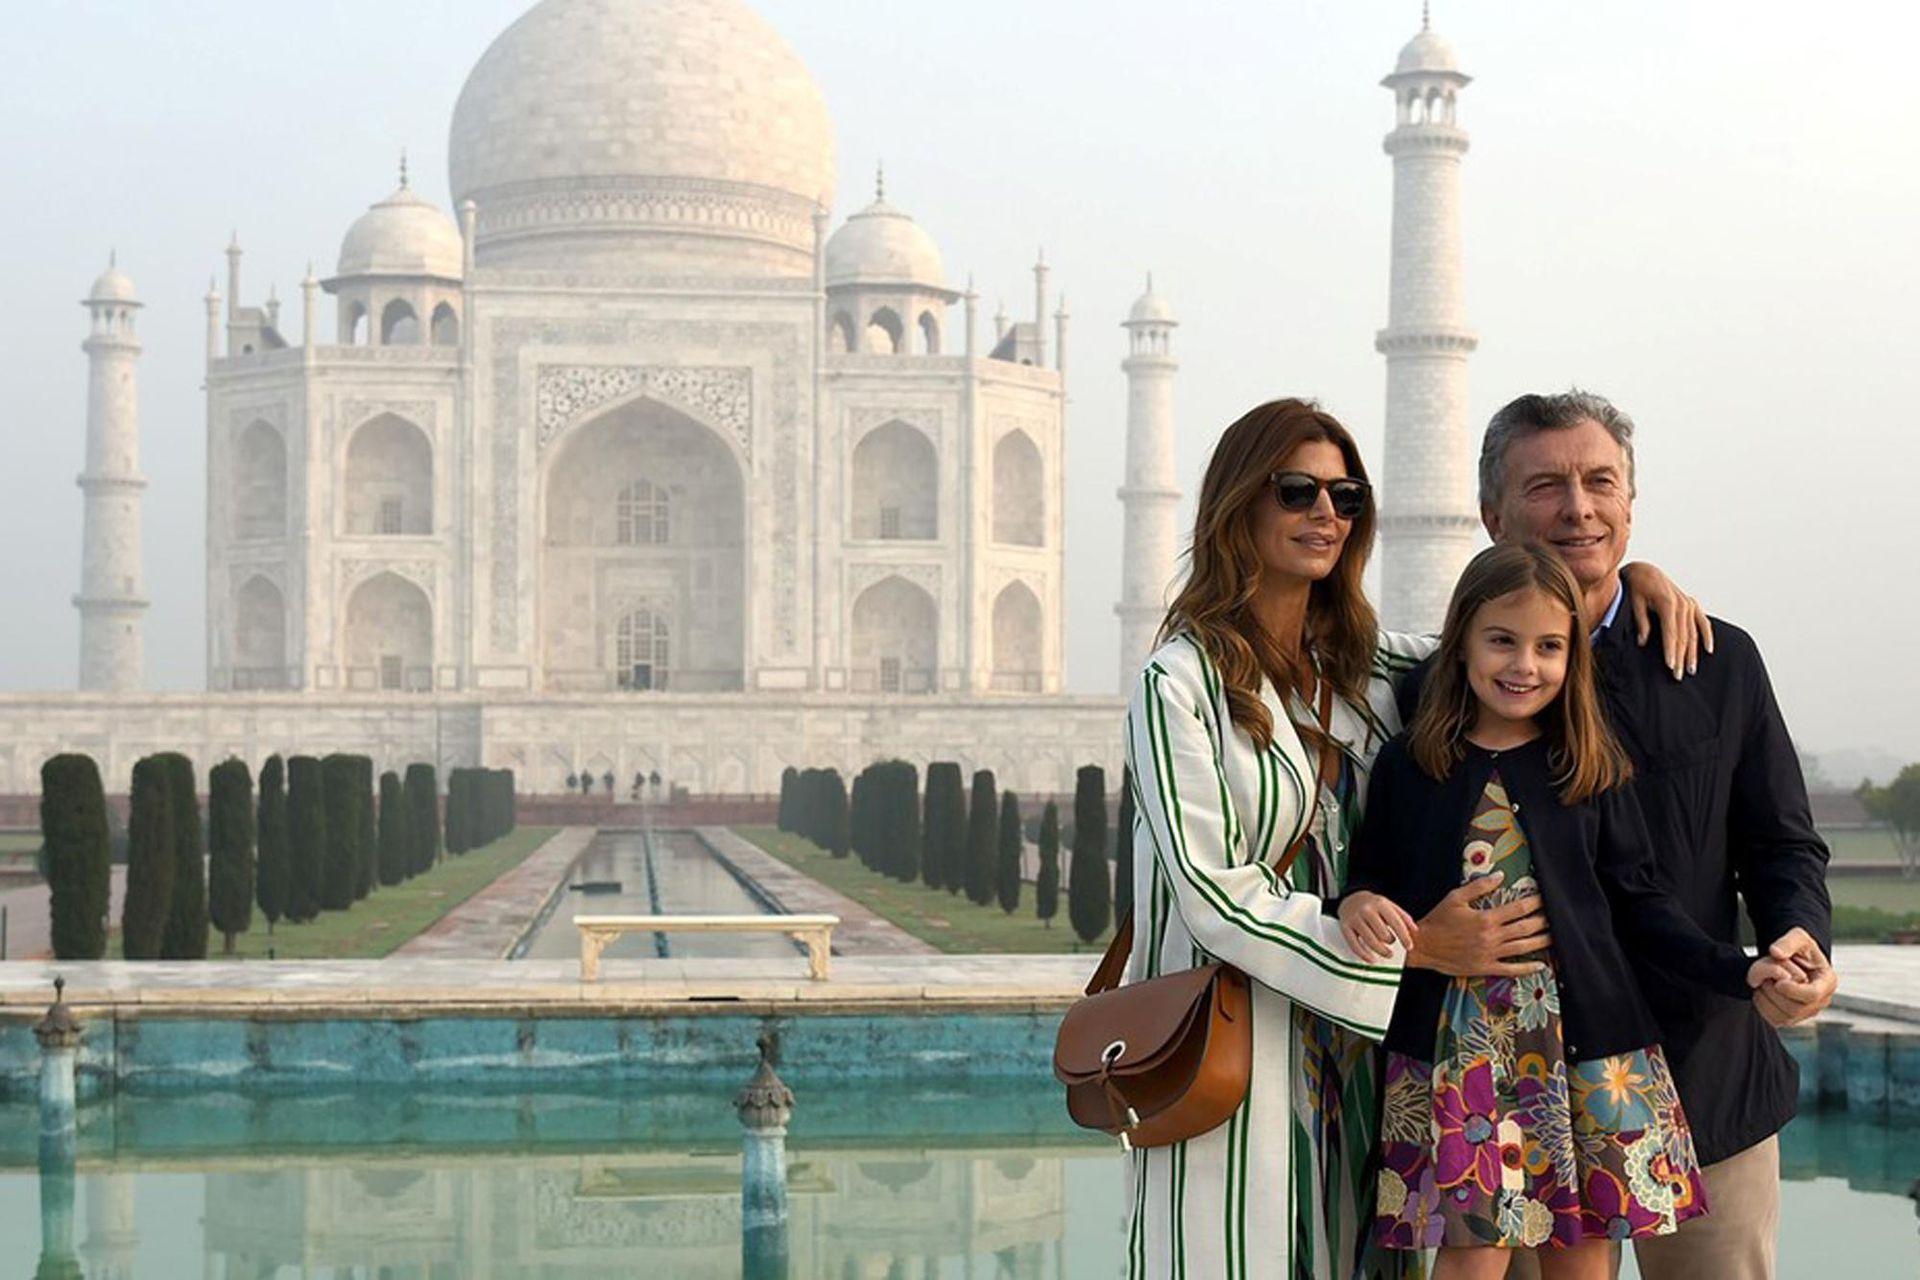 El Presidente y la primera Dama junto a su hija Antonia en el Taj Mahal